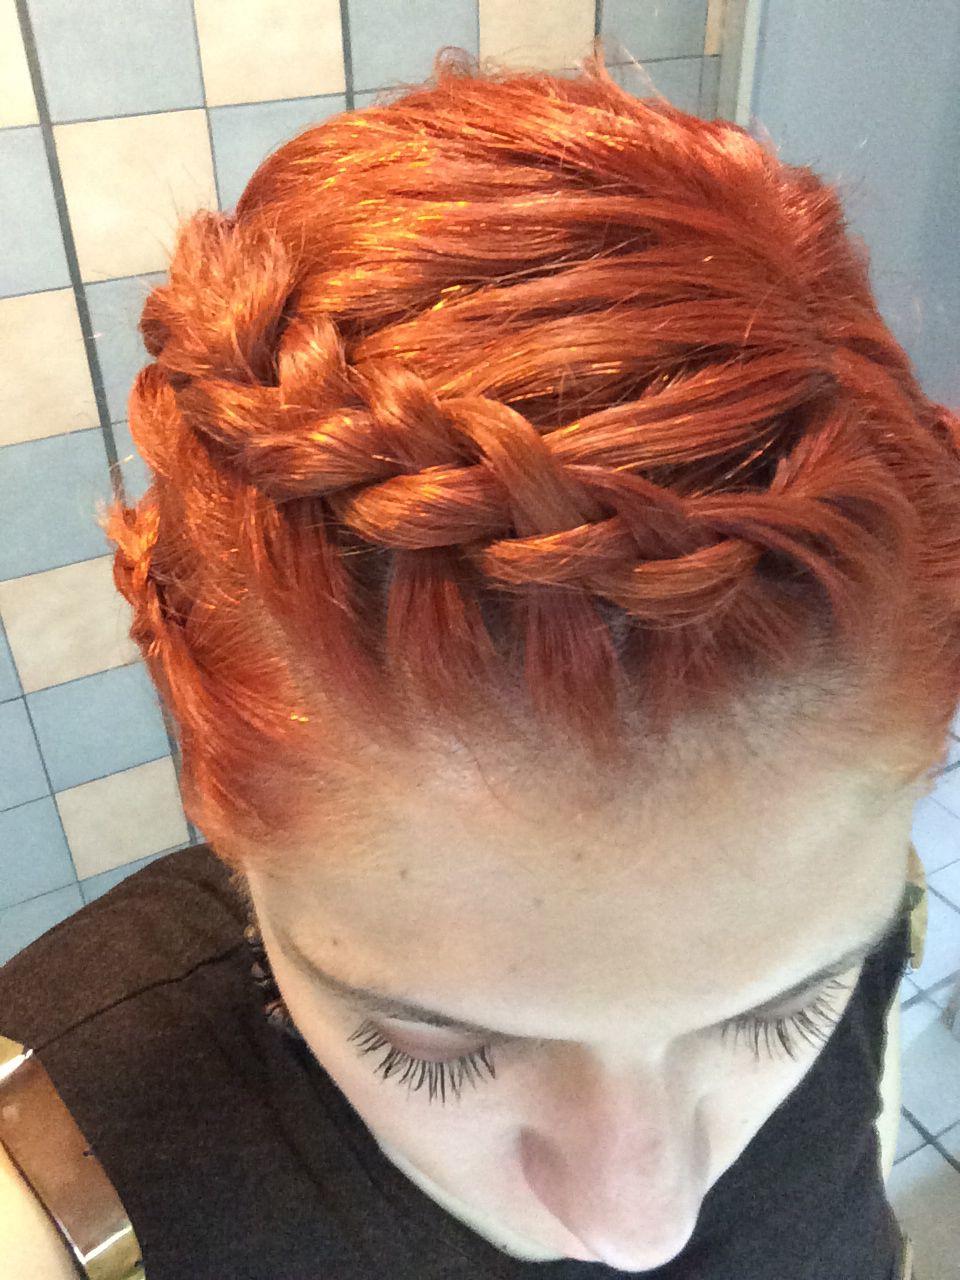 Ya poder trenzar mi cabello, amo como se ve con su nuevo color